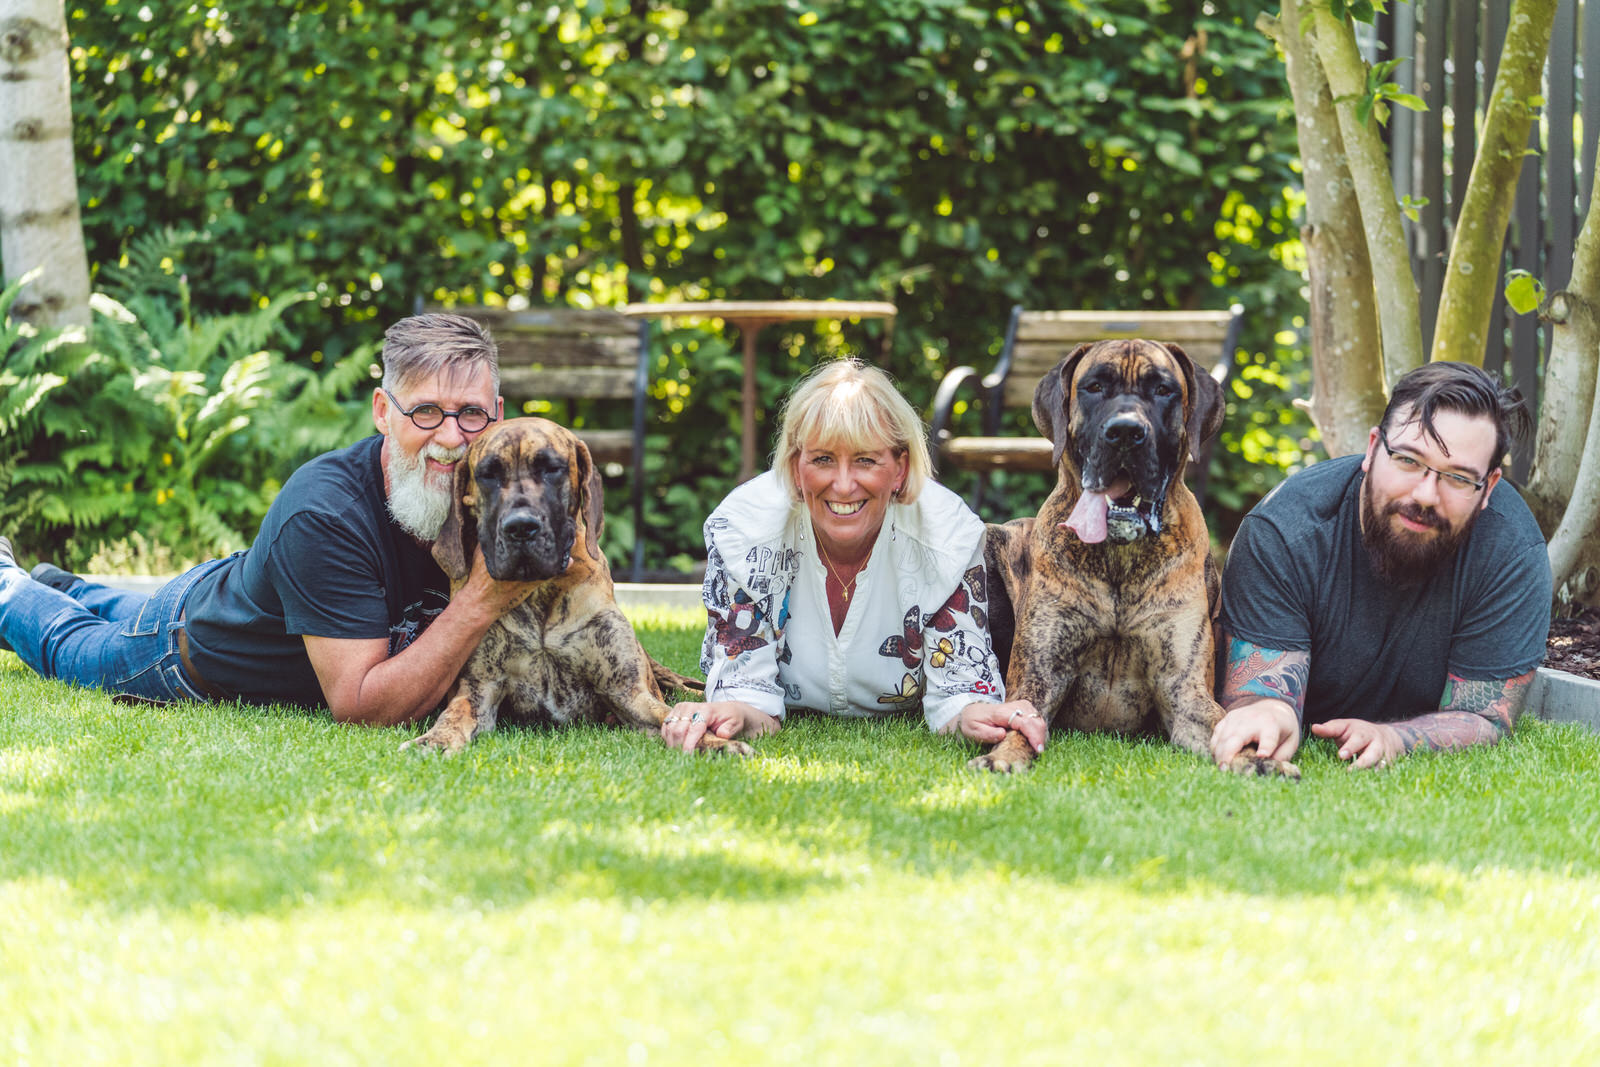 familieportret gras met honden